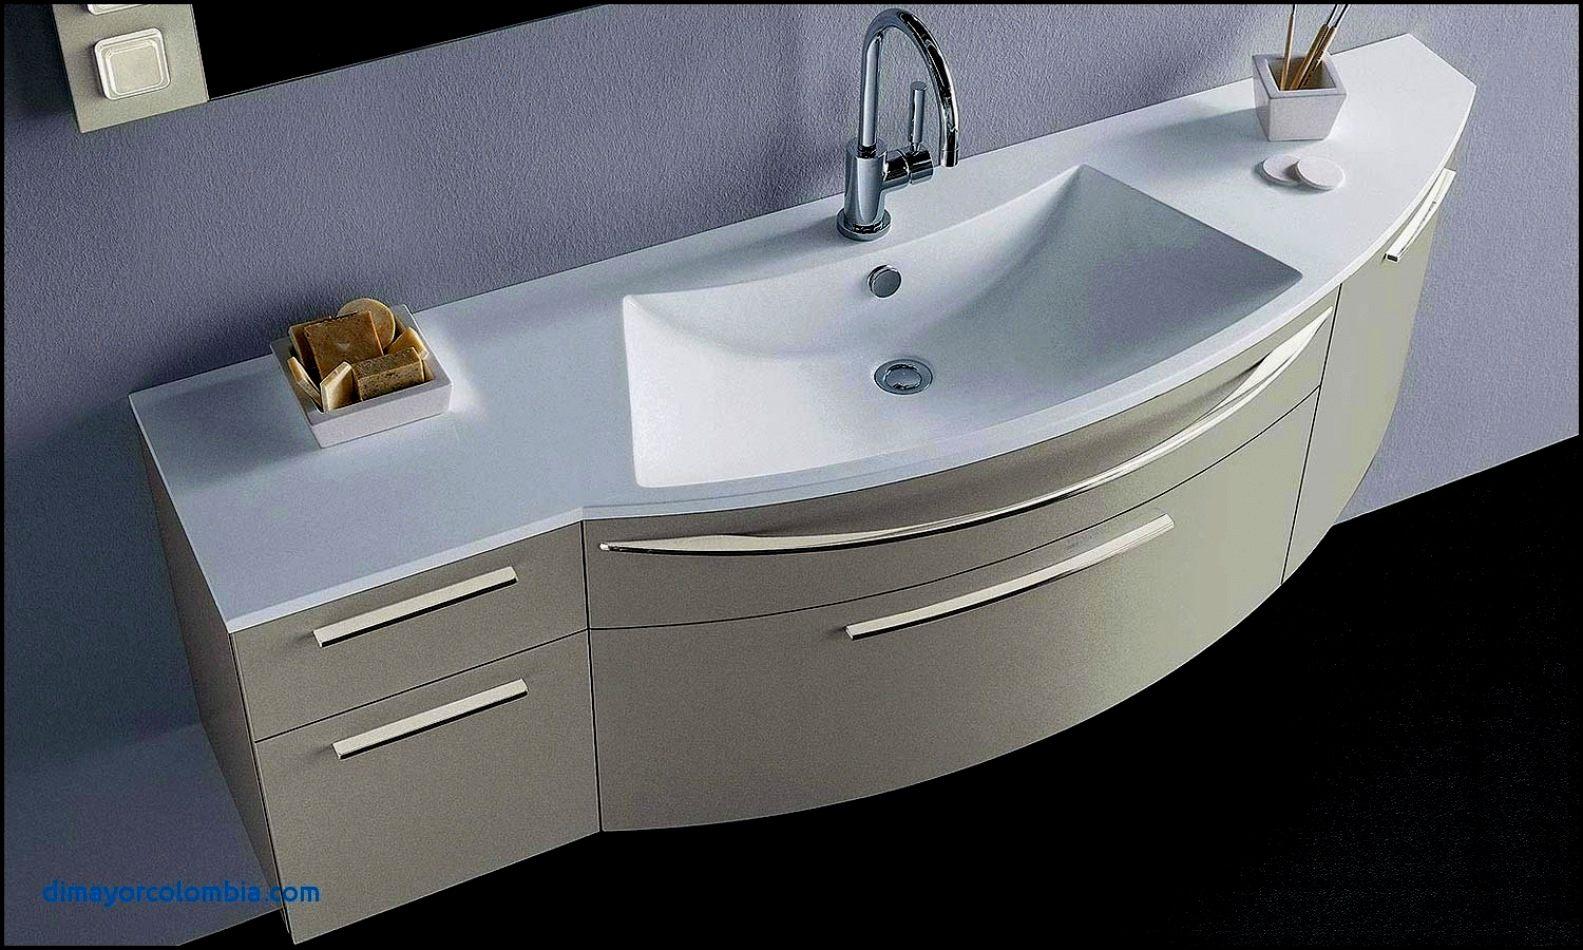 meuble salle de bain 75 cm bel 54 frais meuble salle de bain 75 cm mobel ideen site de meuble salle de bain 75 cm